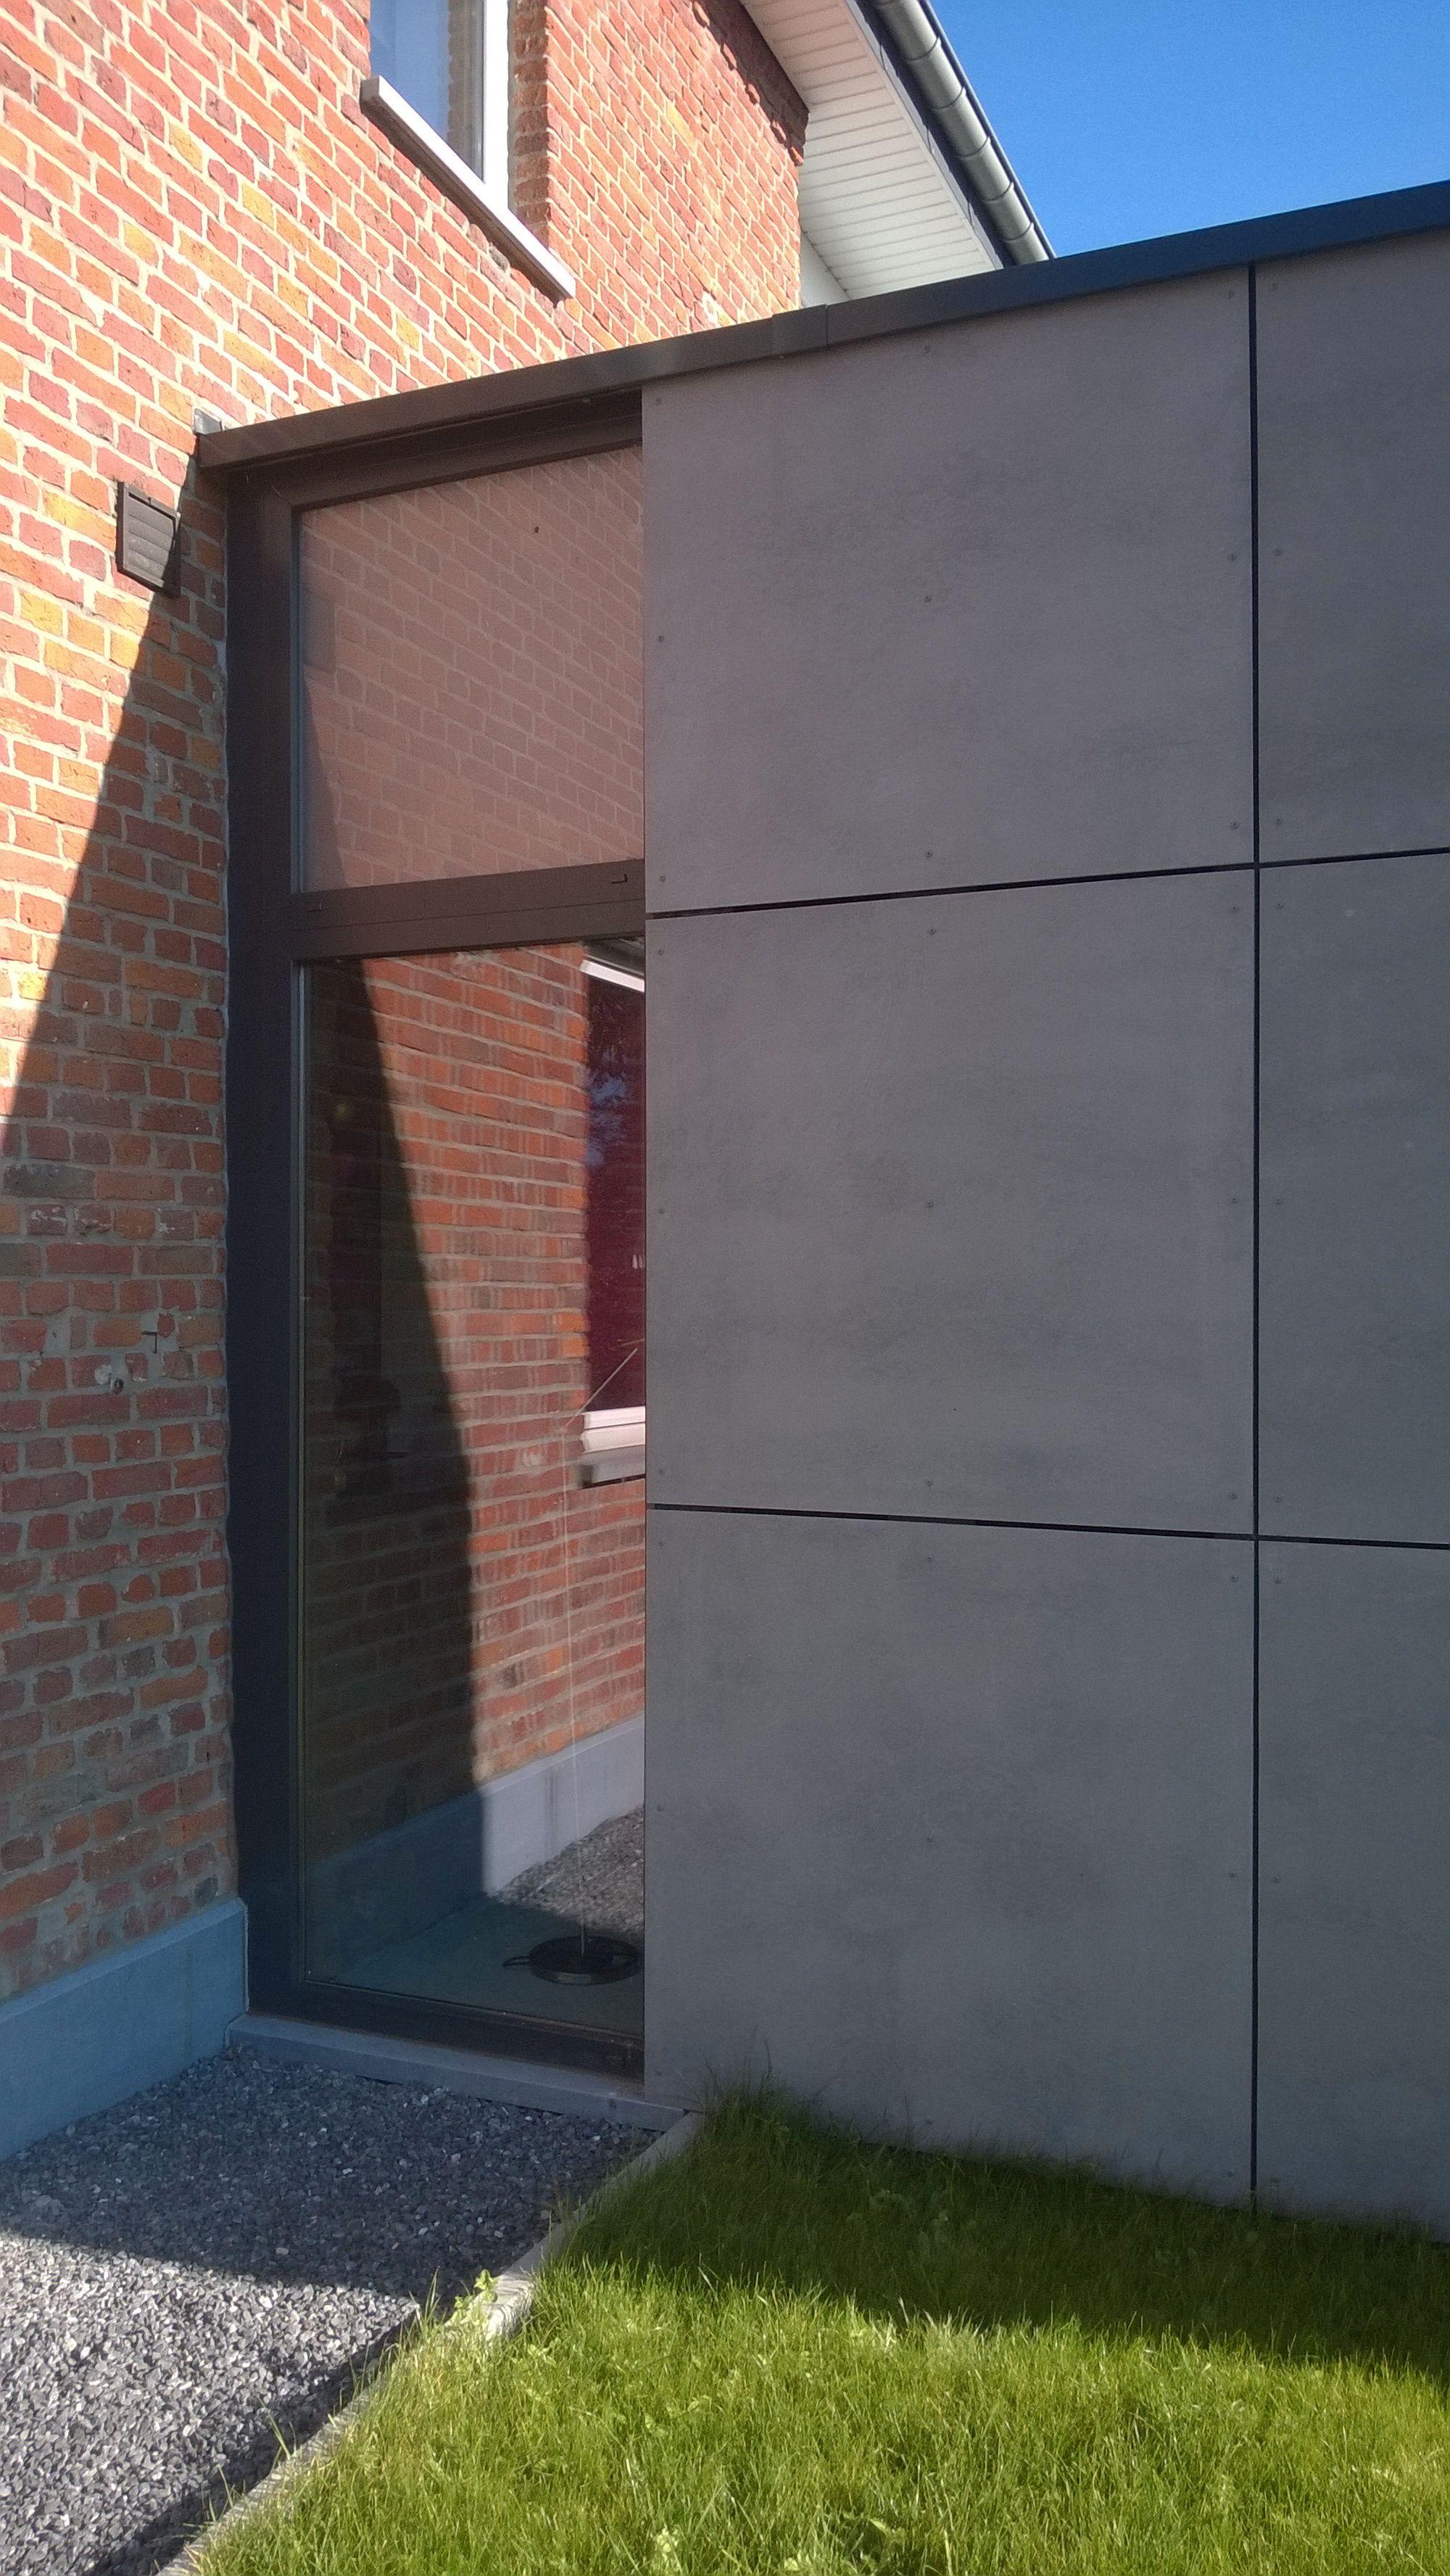 Panneaux de fibre ciment ton gris moyen plinthe en pierre - Panneaux de separation pour exterieur ...